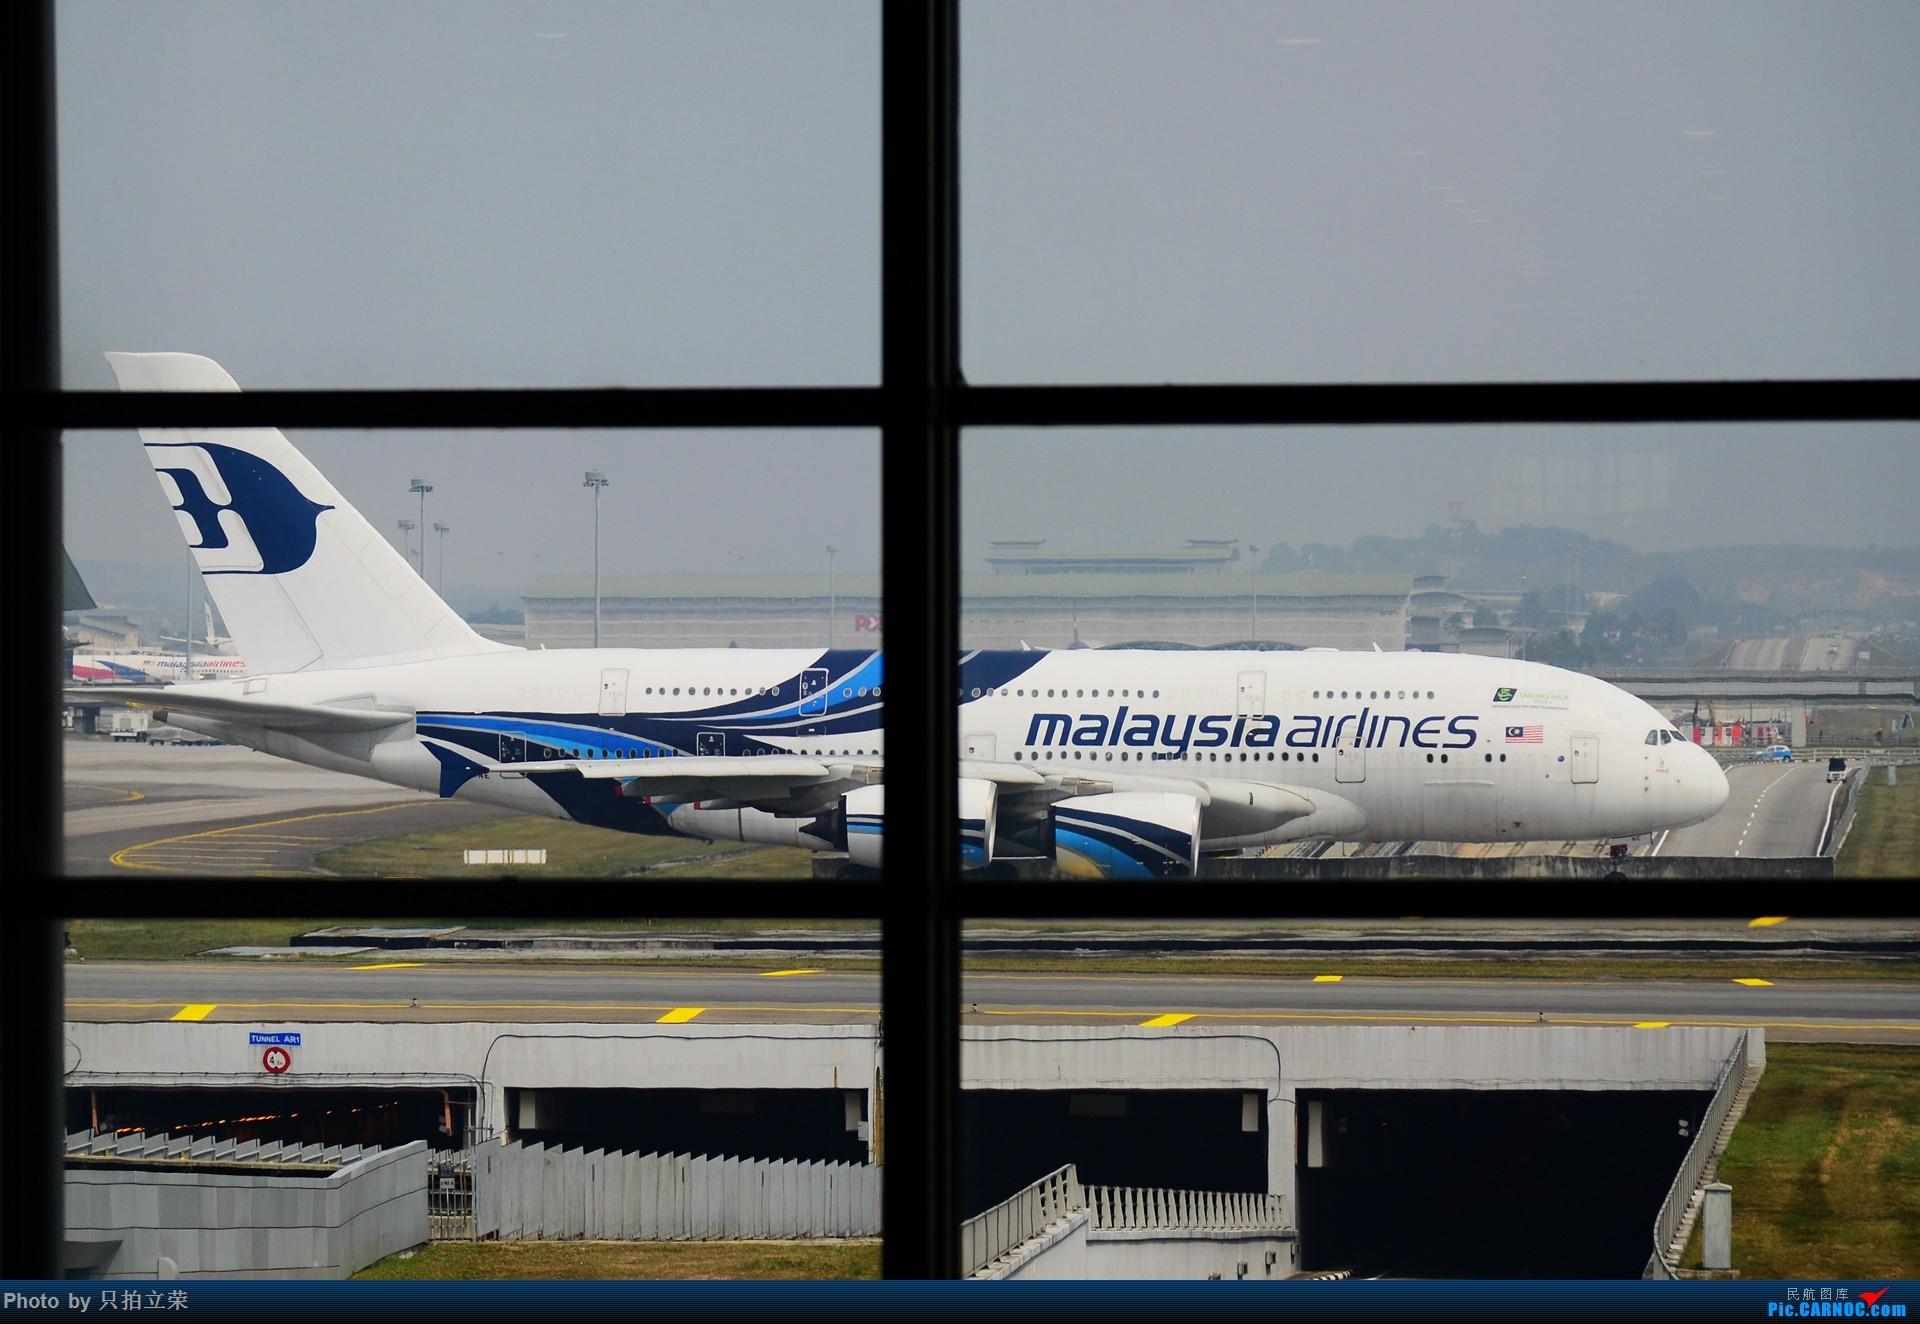 Re:湖南飞友会:只拍立荣回归。马来之旅航站楼杂图一堆。 AIRBUS A380-800 9M-MNE 马来西亚吉隆坡国际机场